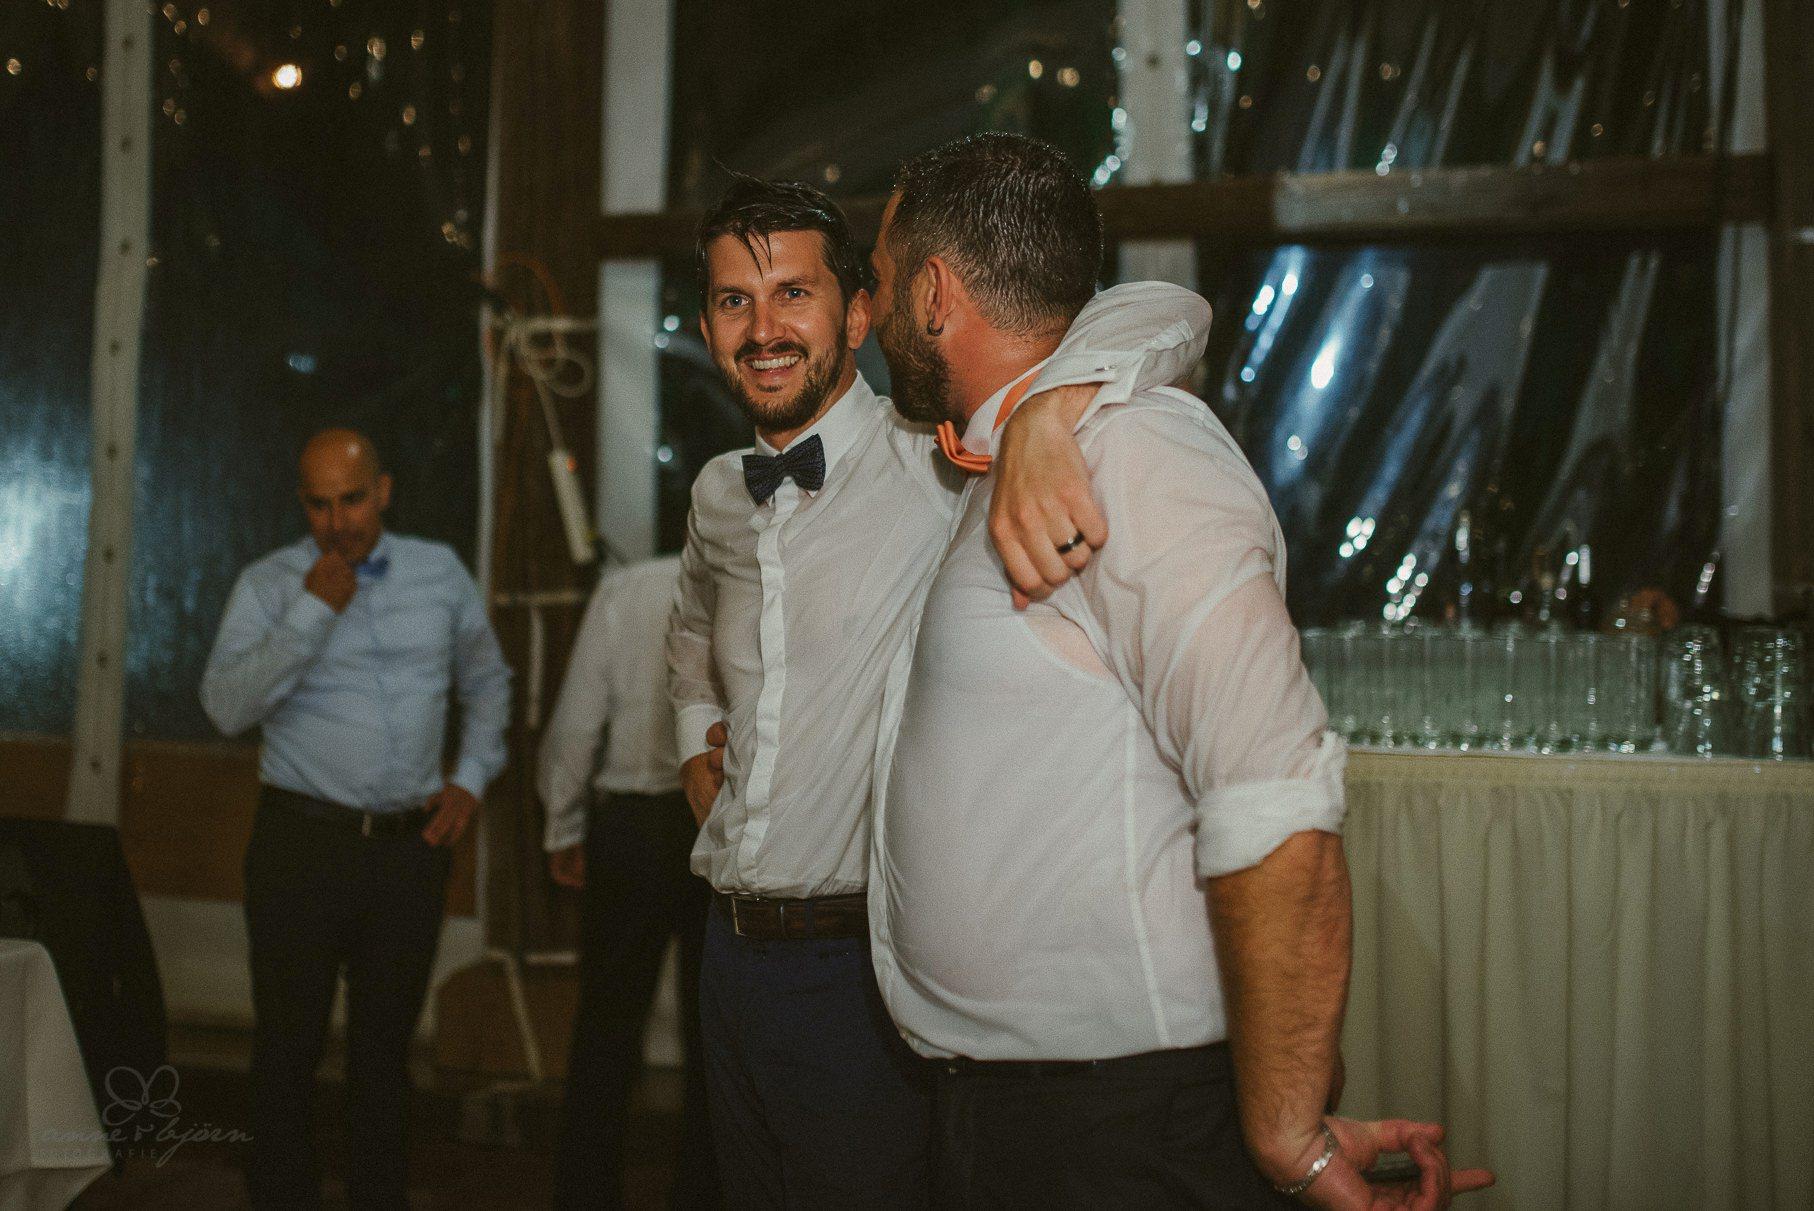 0142 anne und bjoern hochzeit schweiz d75 2444 - DIY Hochzeit in der Schweiz - Sabrina & Christoph